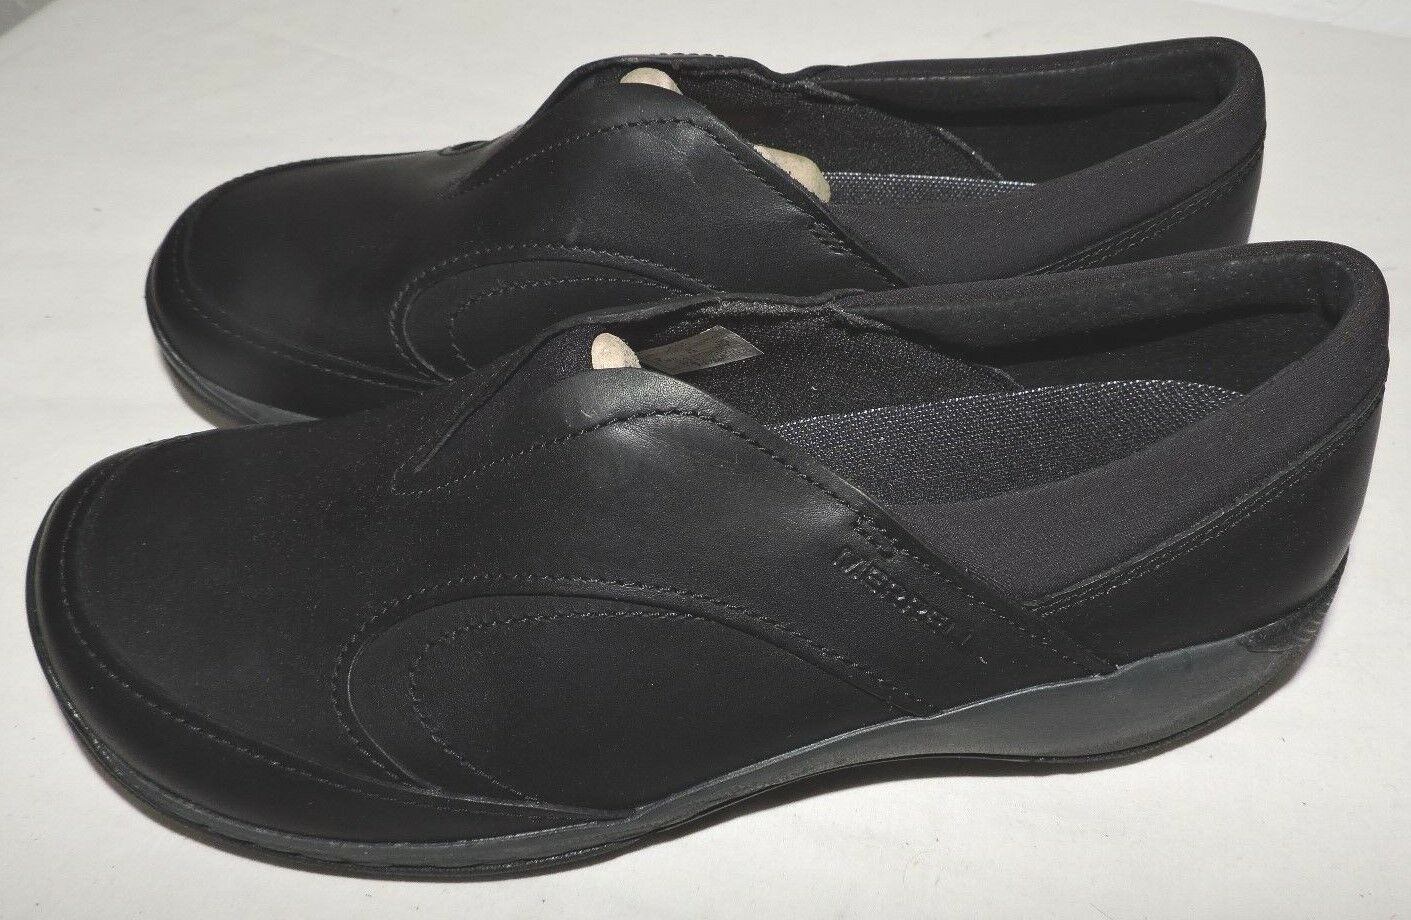 Merrell Wouomo Encore Q2 Moc LTR Fashion scarpe da ginnastica, nero, 8 M US scarpe CLOG